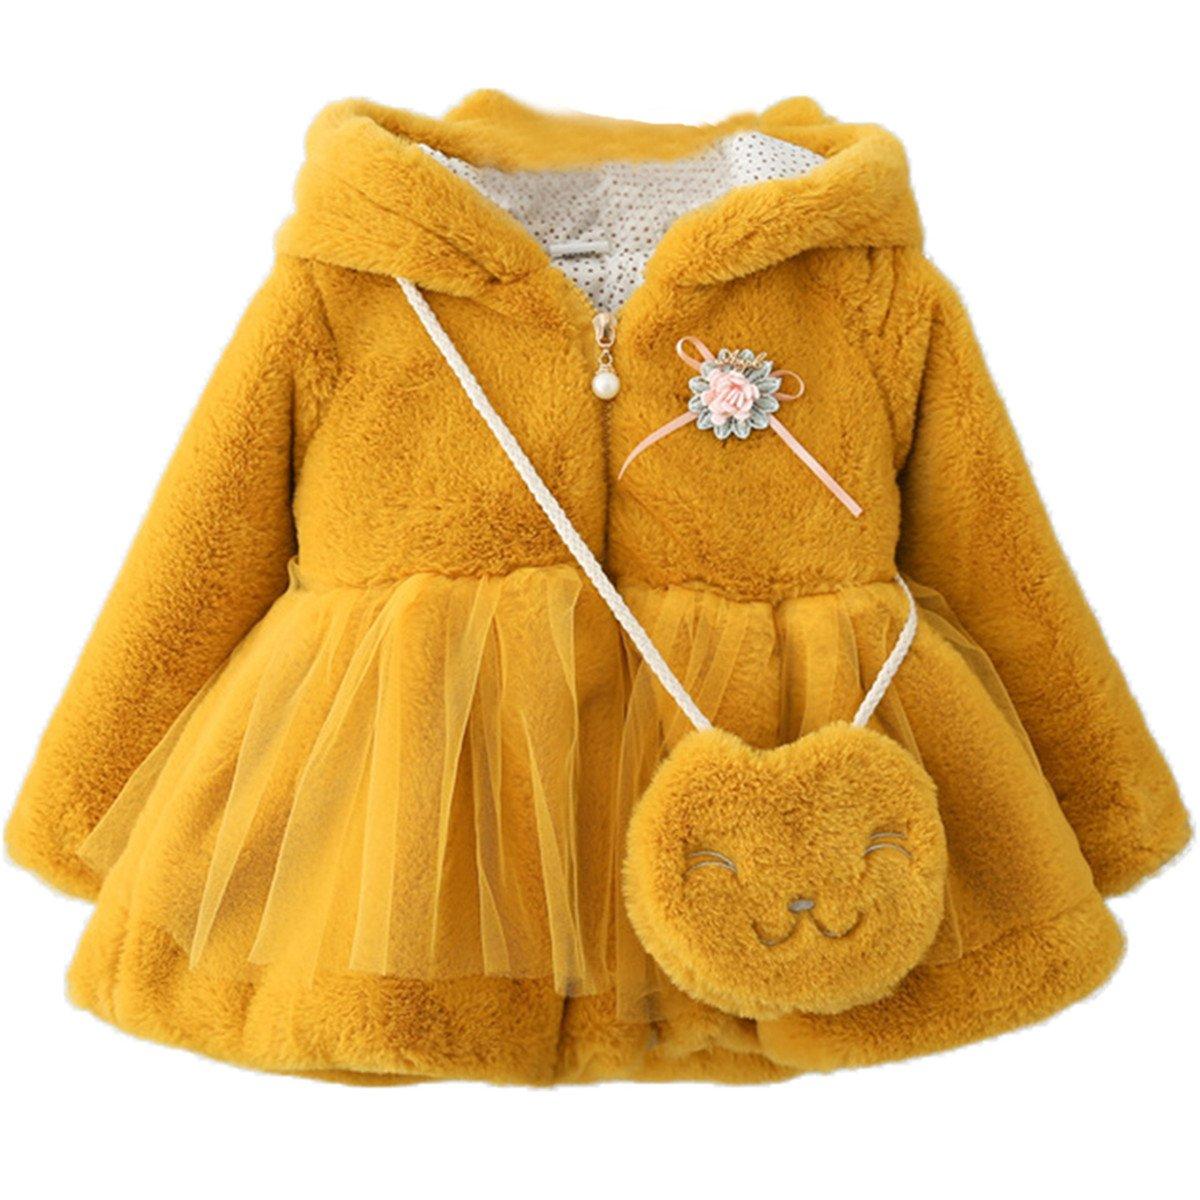 Bbay Kids Little Girls Kids Faux Fur Cartton Ear Hooded Lace Coat Jacket Outwear with Bag